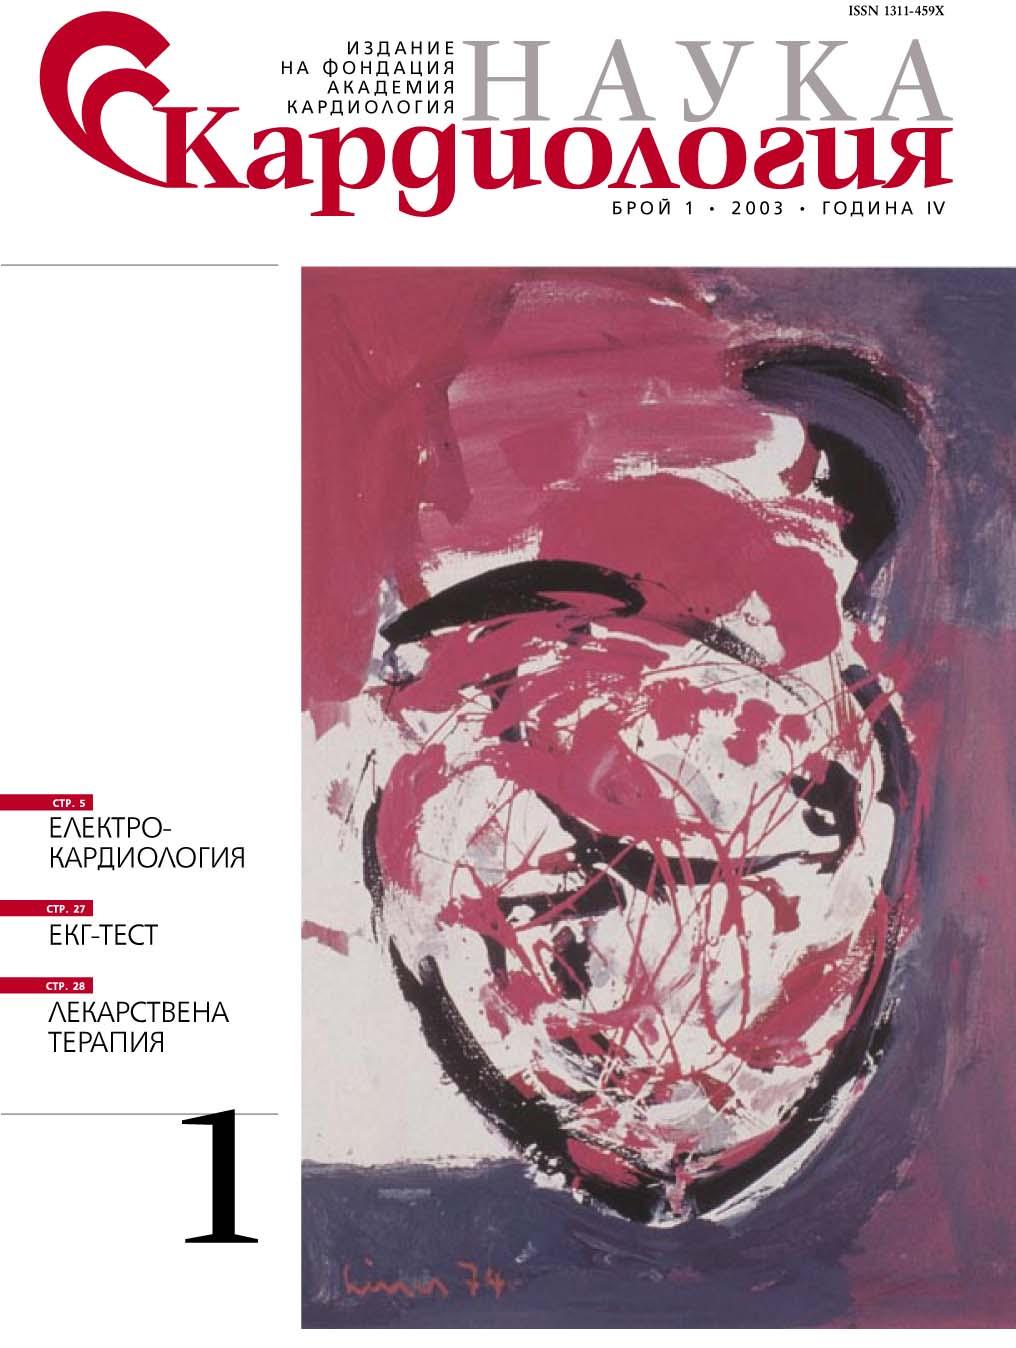 Наука Кардиология 1/2003